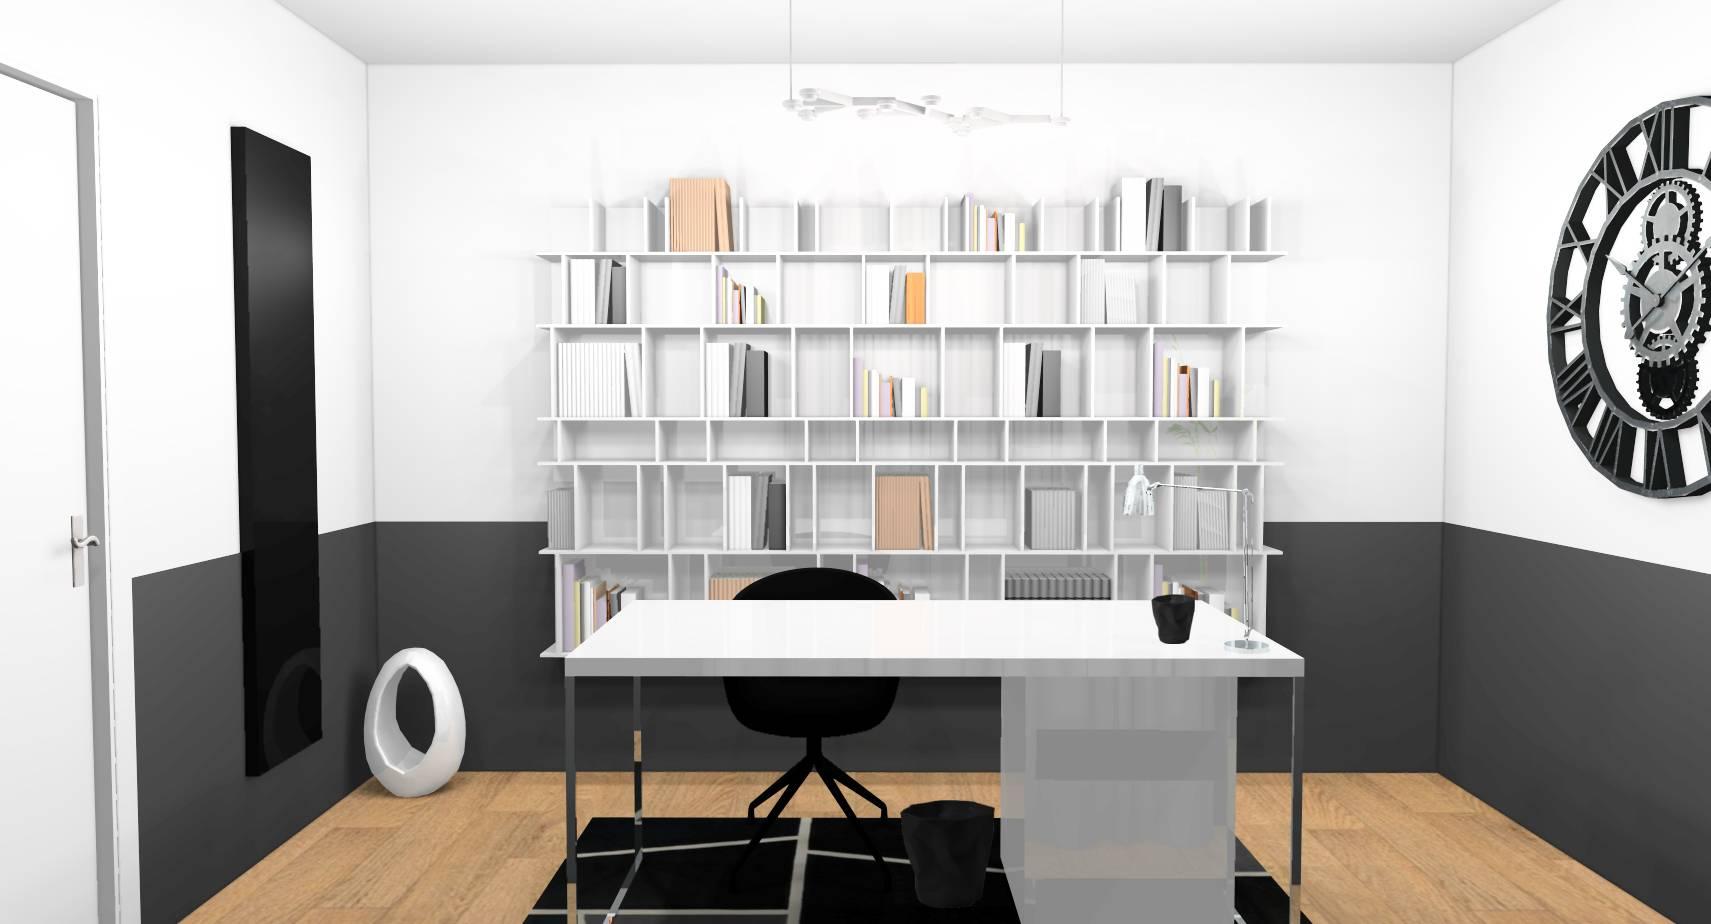 Decoration interieur bureau impressionvisuelle hash tags deskgram